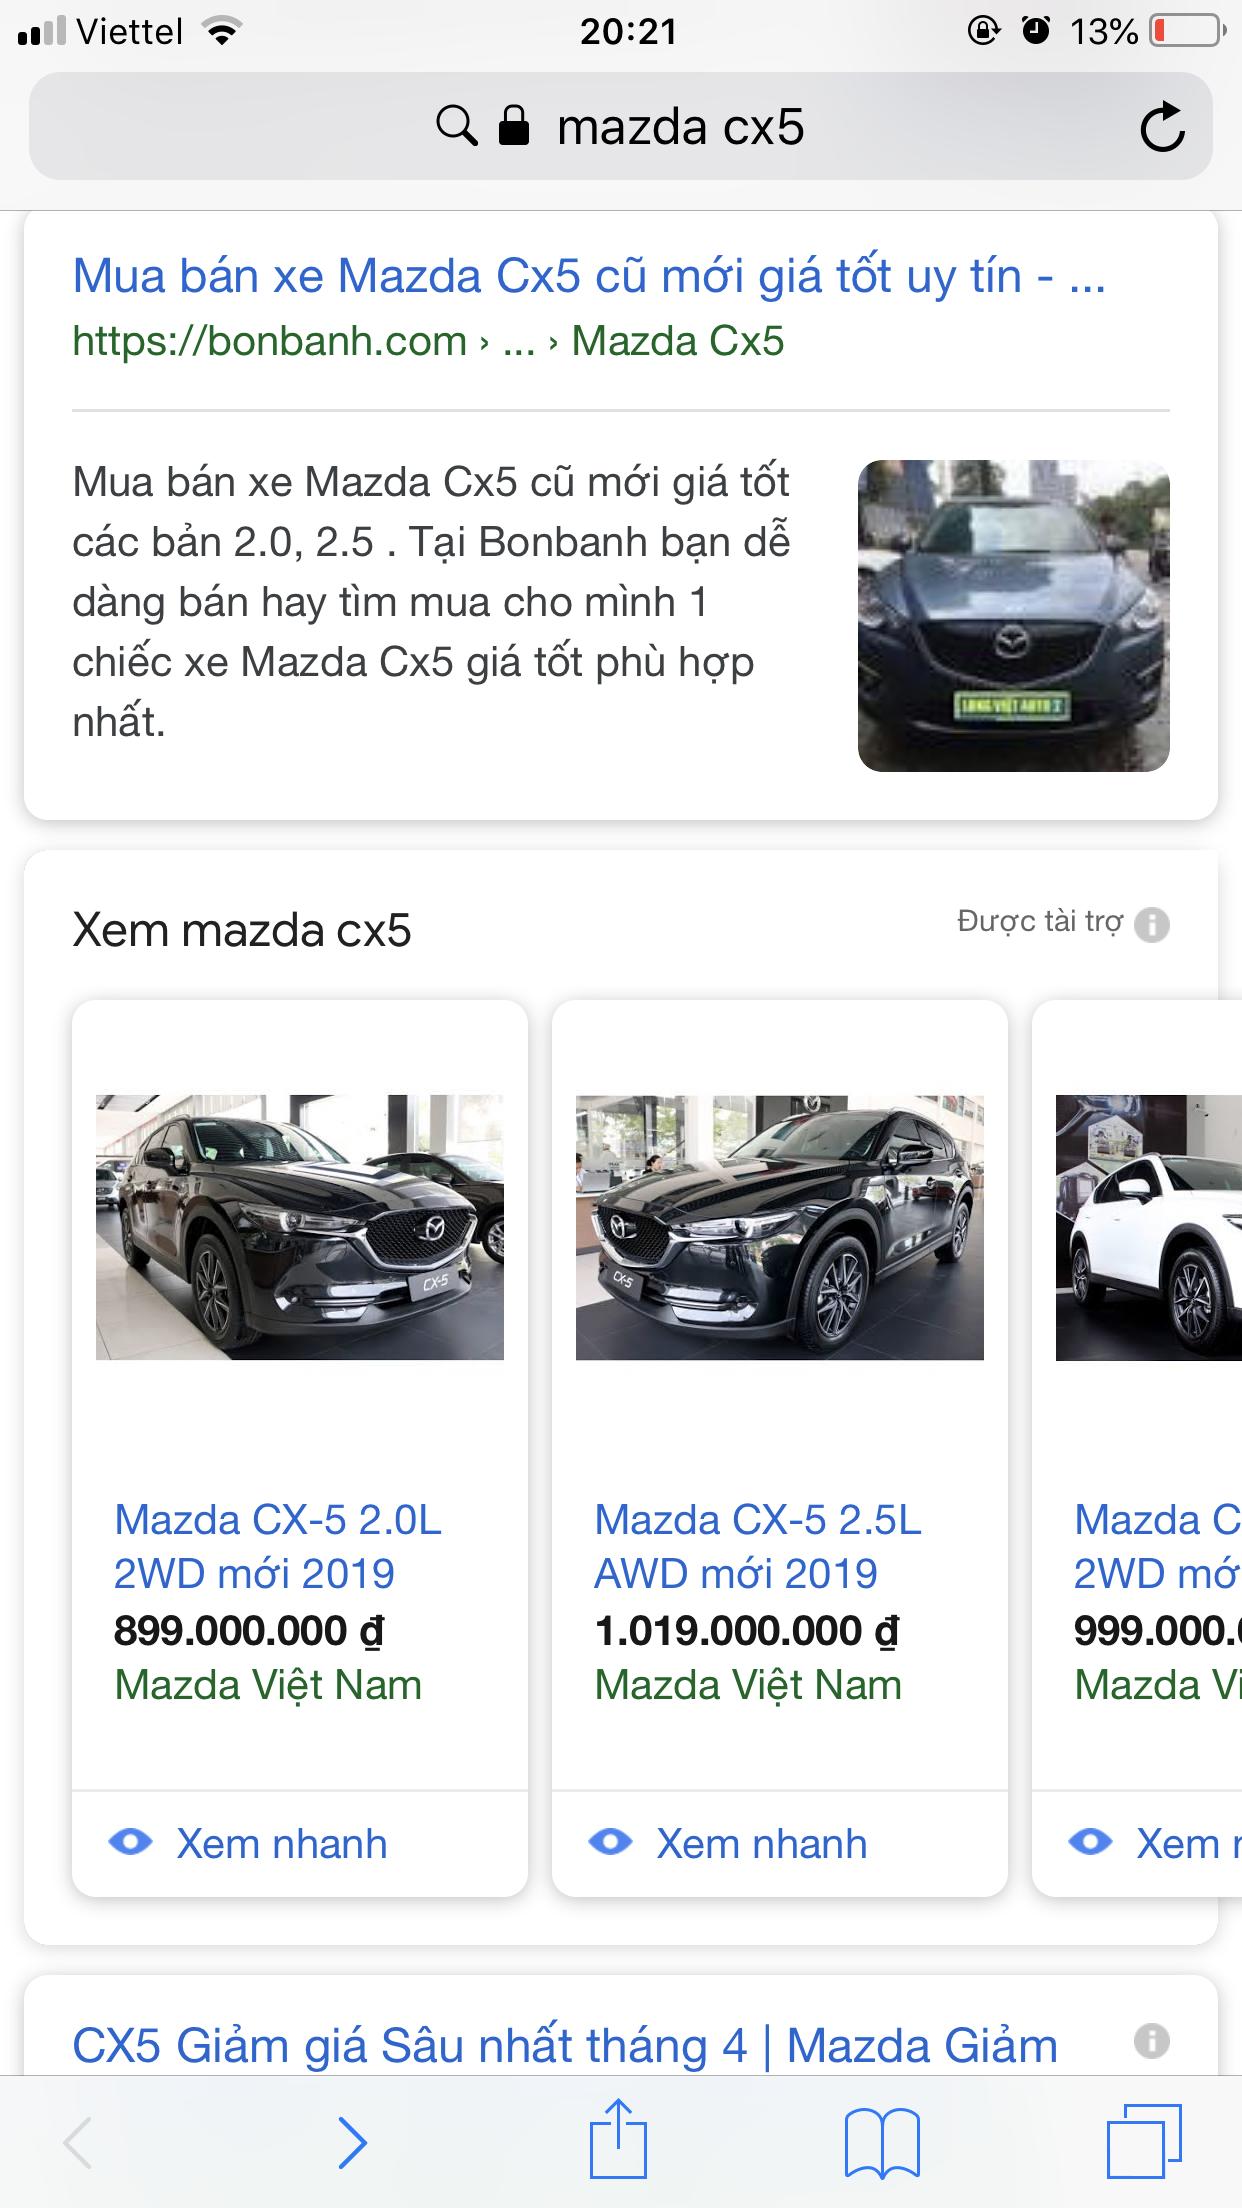 Chạy quảng cáo adwords cho ngành mua bán ô tô  Bứt phá doanh thu